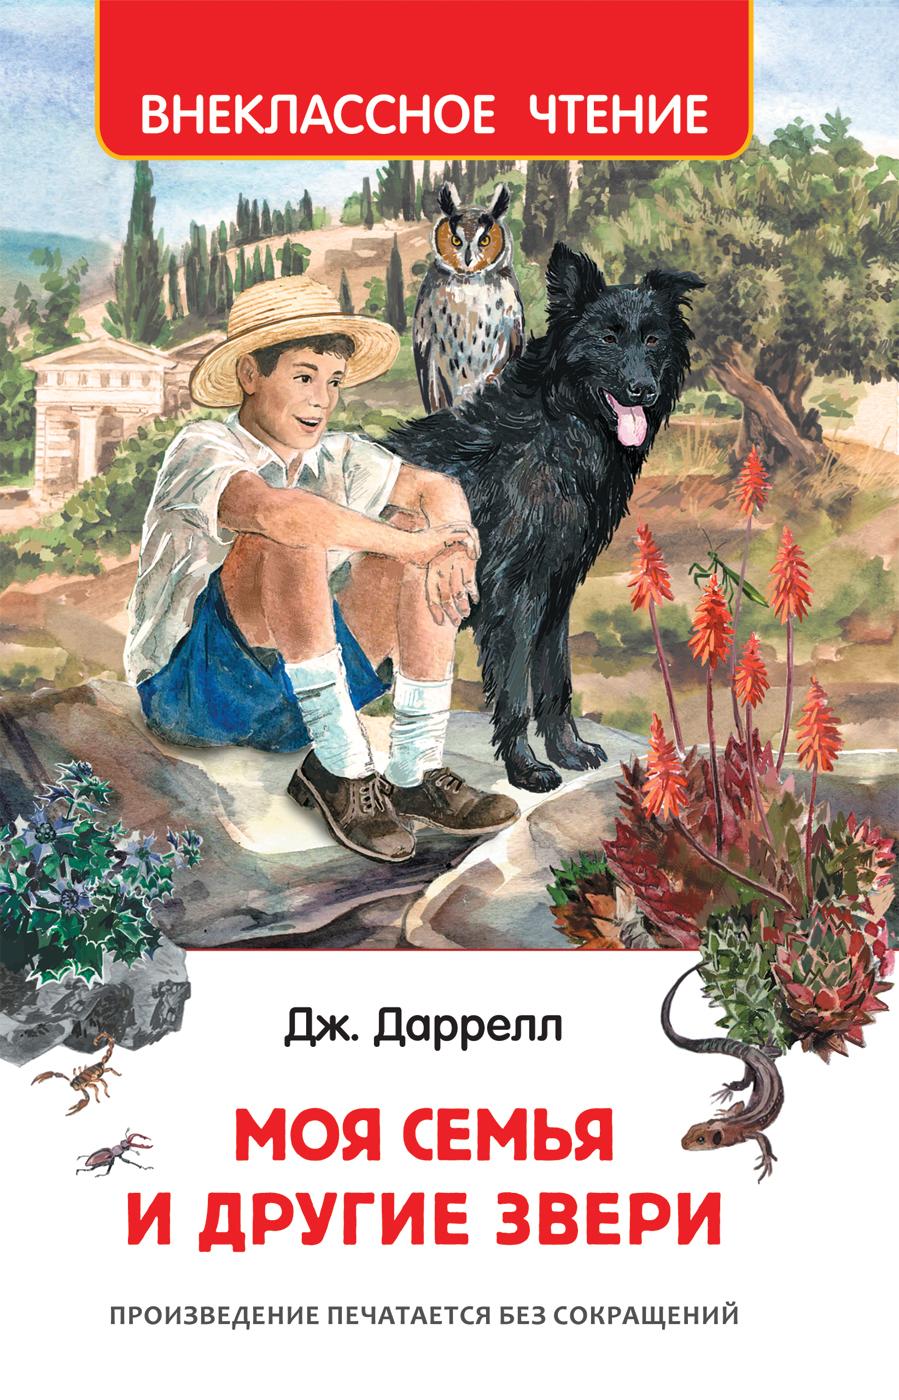 Дж. Даррелл Моя семья и другие звери (Внеклассное чтение)